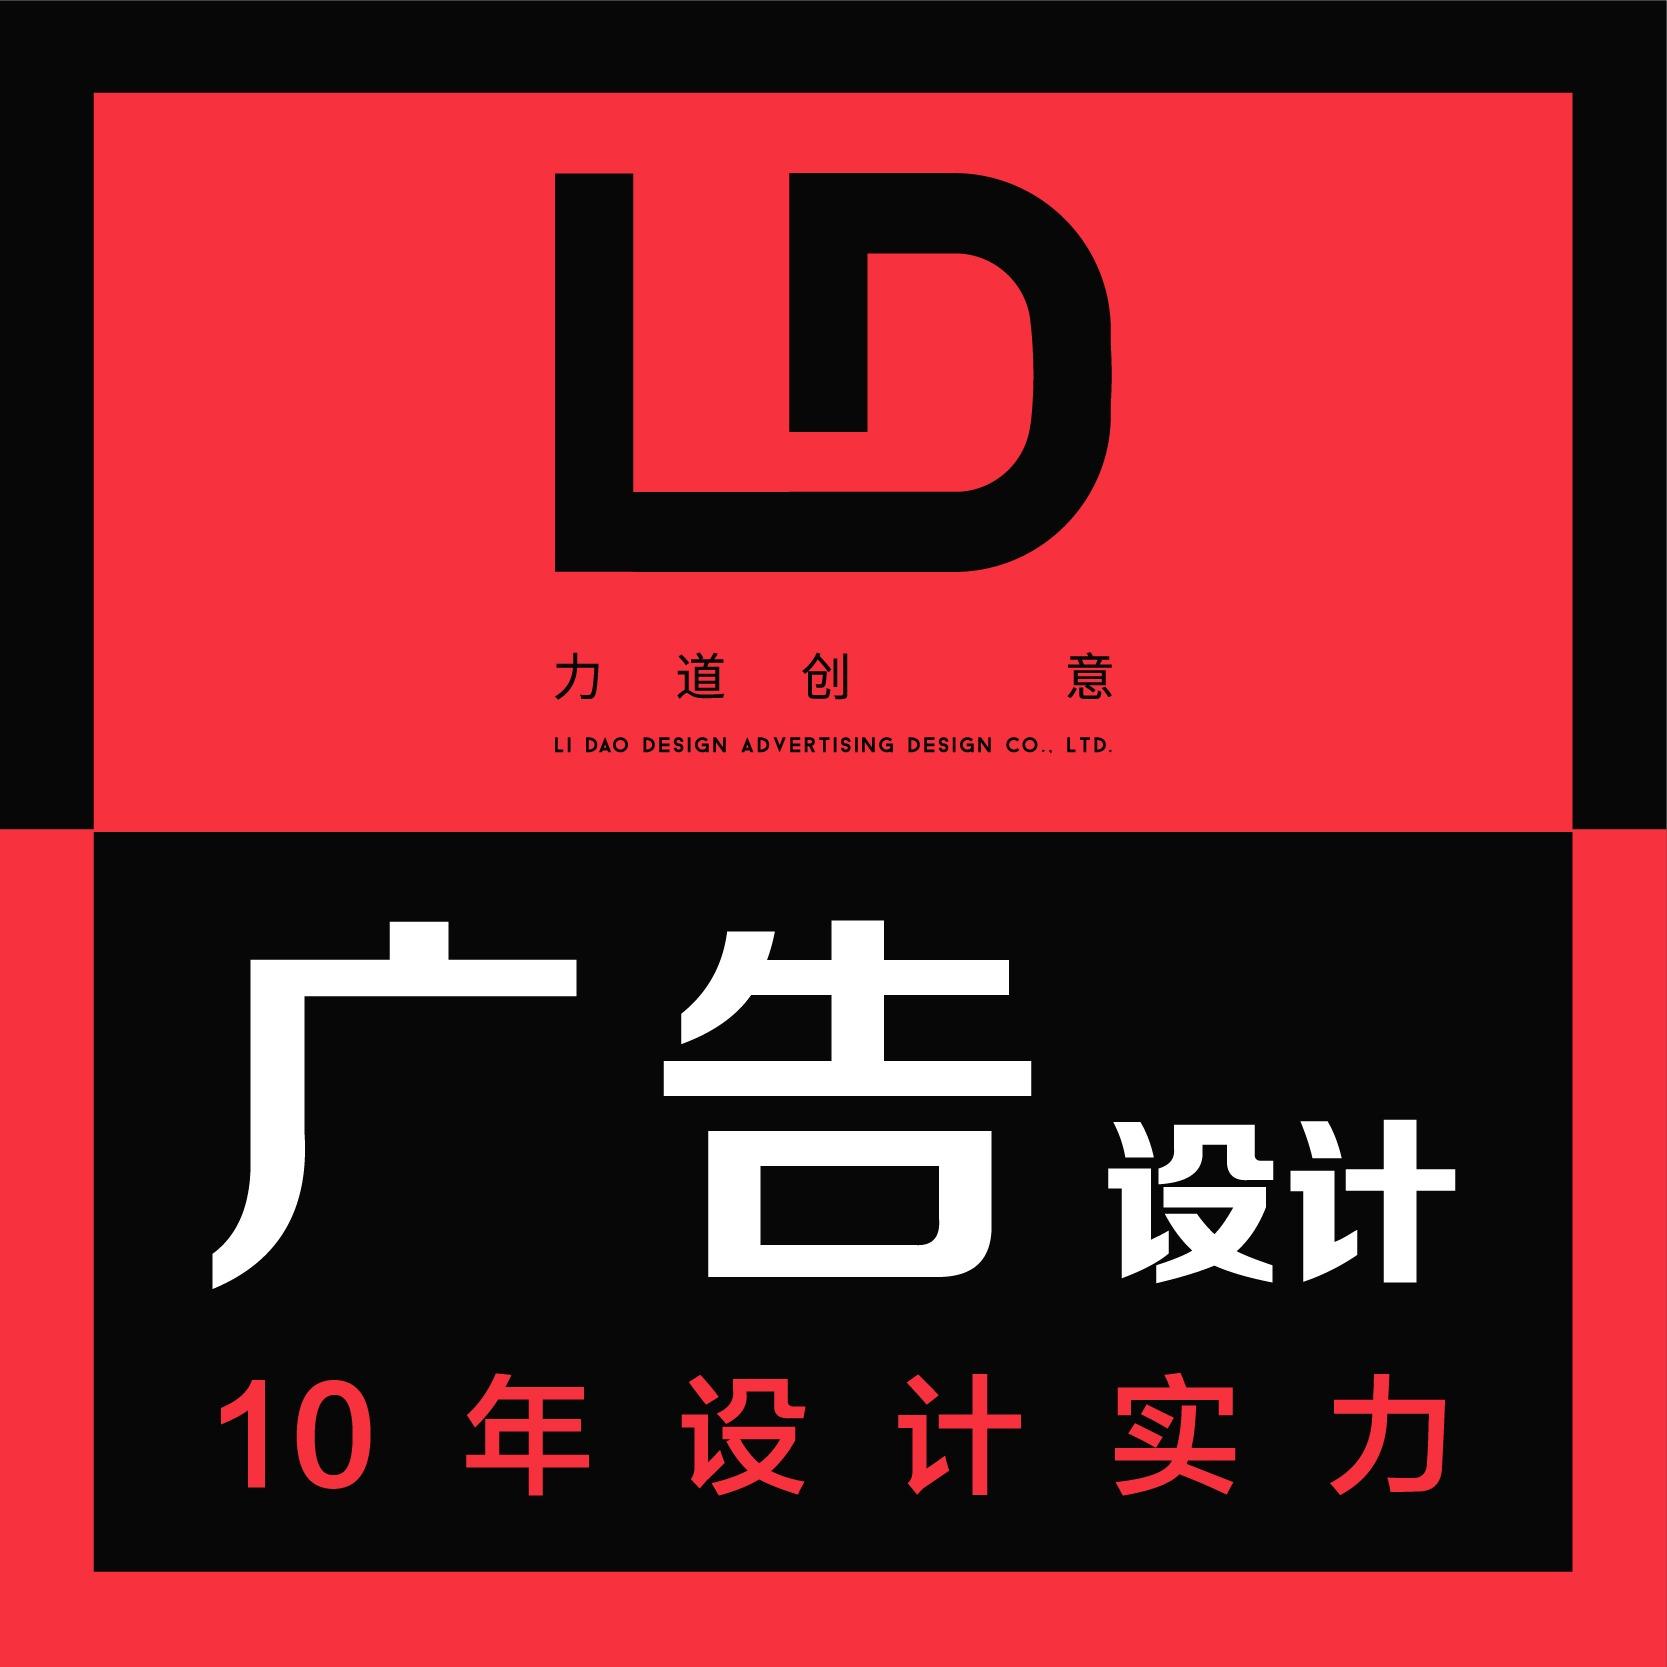 高端创意广告设计易拉宝设计X展架设计广告设计海报设计DM设计